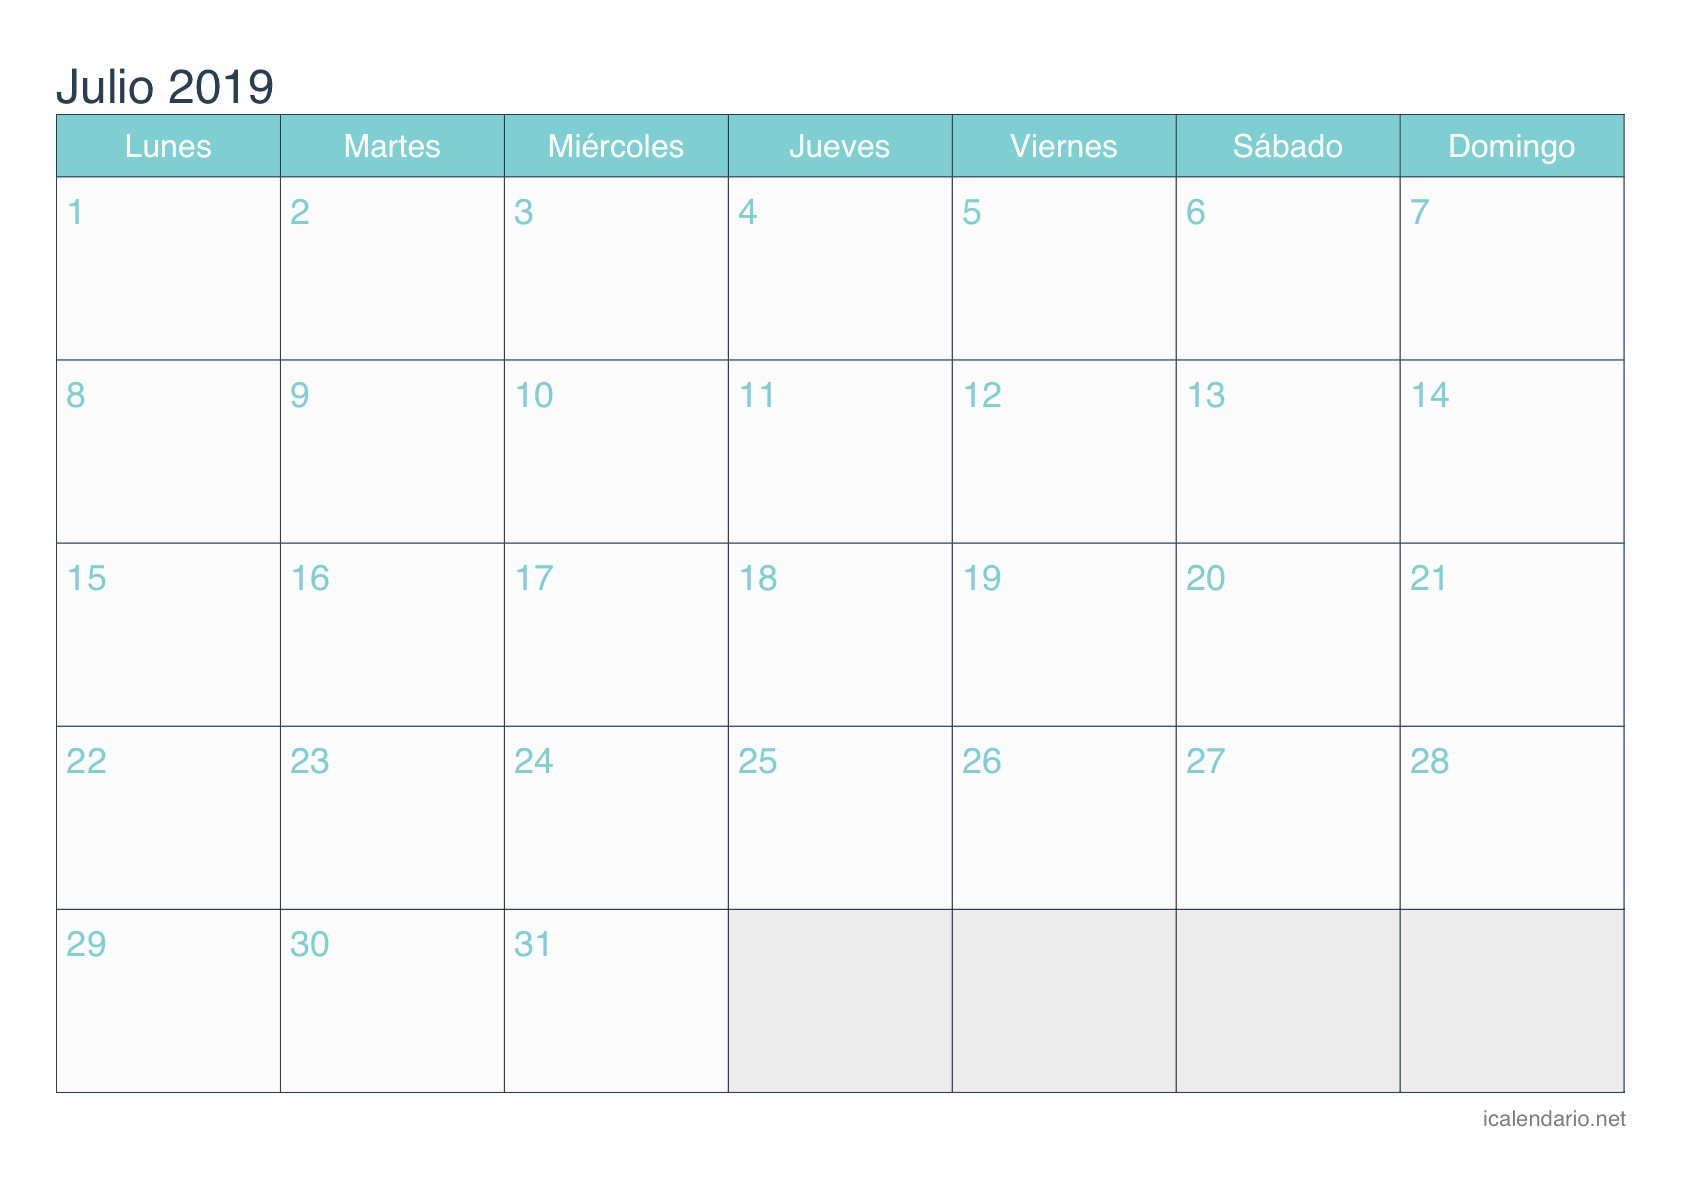 Calendario 2019 Feriados Santos Más Recientemente Liberado Inspiraci³n 34 Ejemplo Rallylink Calendario 2019 Of Calendario 2019 Feriados Santos Recientes C 22 – Publifinisterra Articulos Promocionales